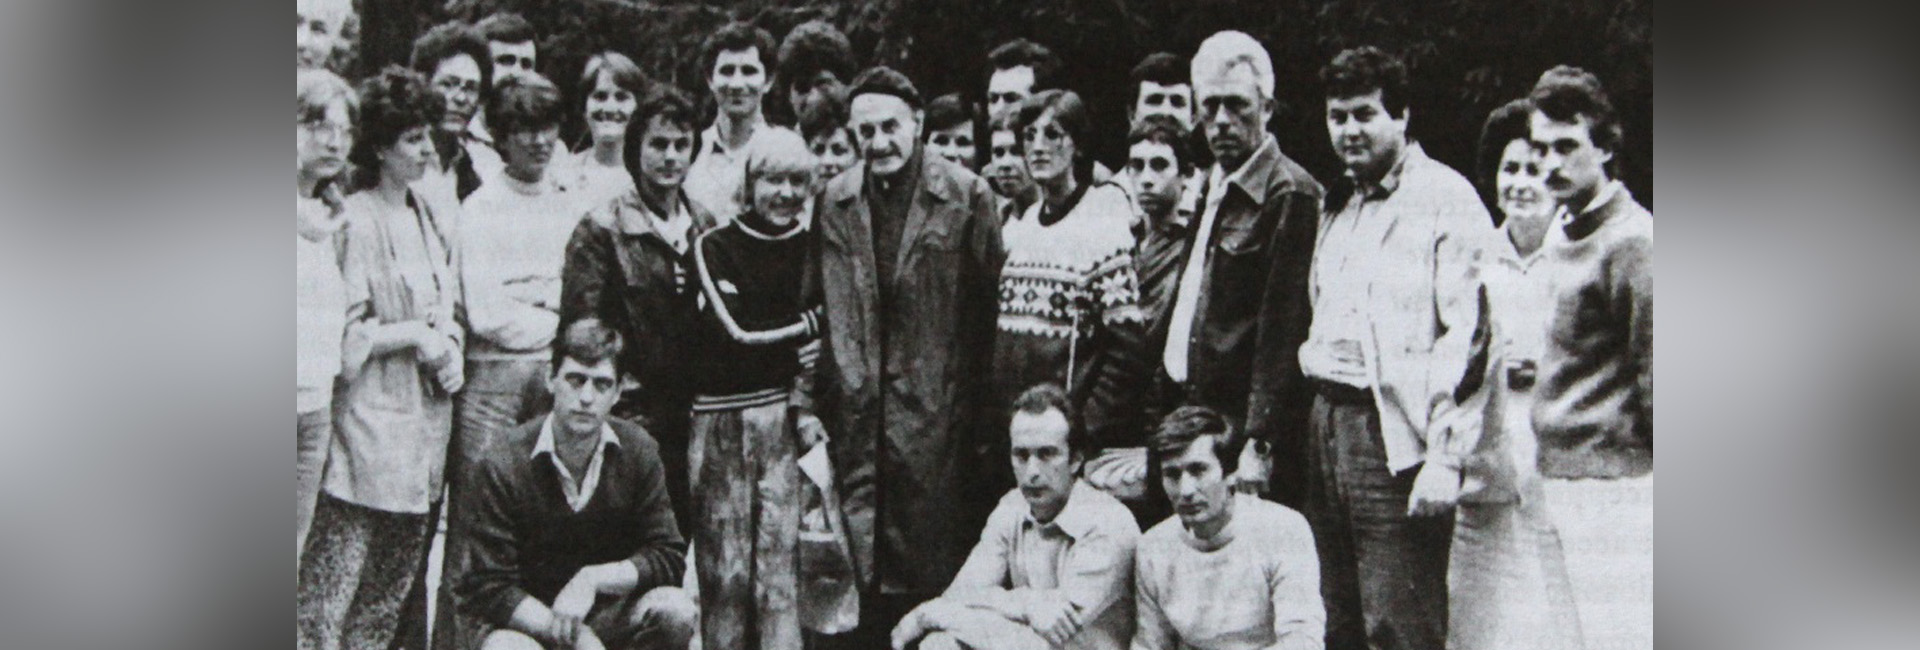 Constantin Noica în compania discipolilor săi, printre care și Gabriel Liiceanu, de la Şcoala de la Păltiniș slider